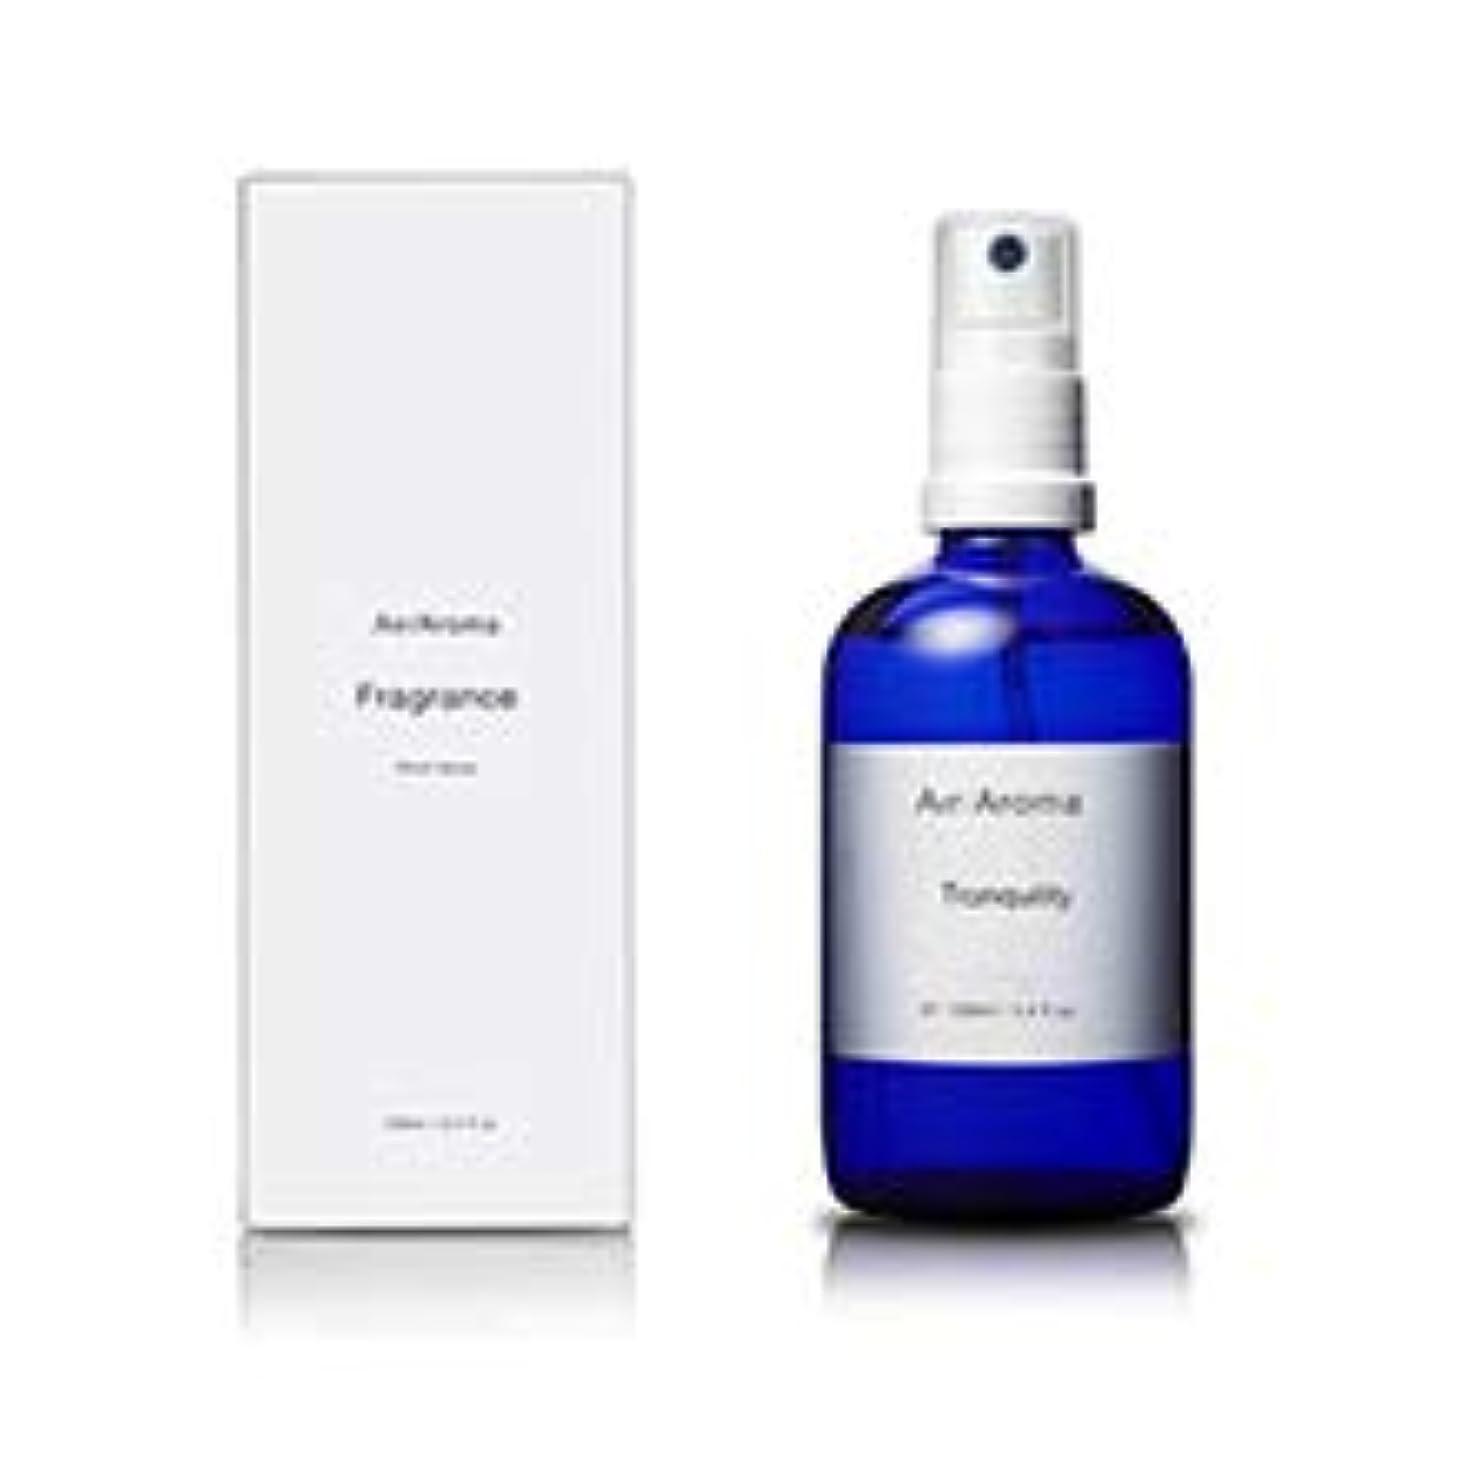 ウッズ優先麺エアアロマ tranquility room fragrance (トランキリティー ルームフレグランス) 100ml